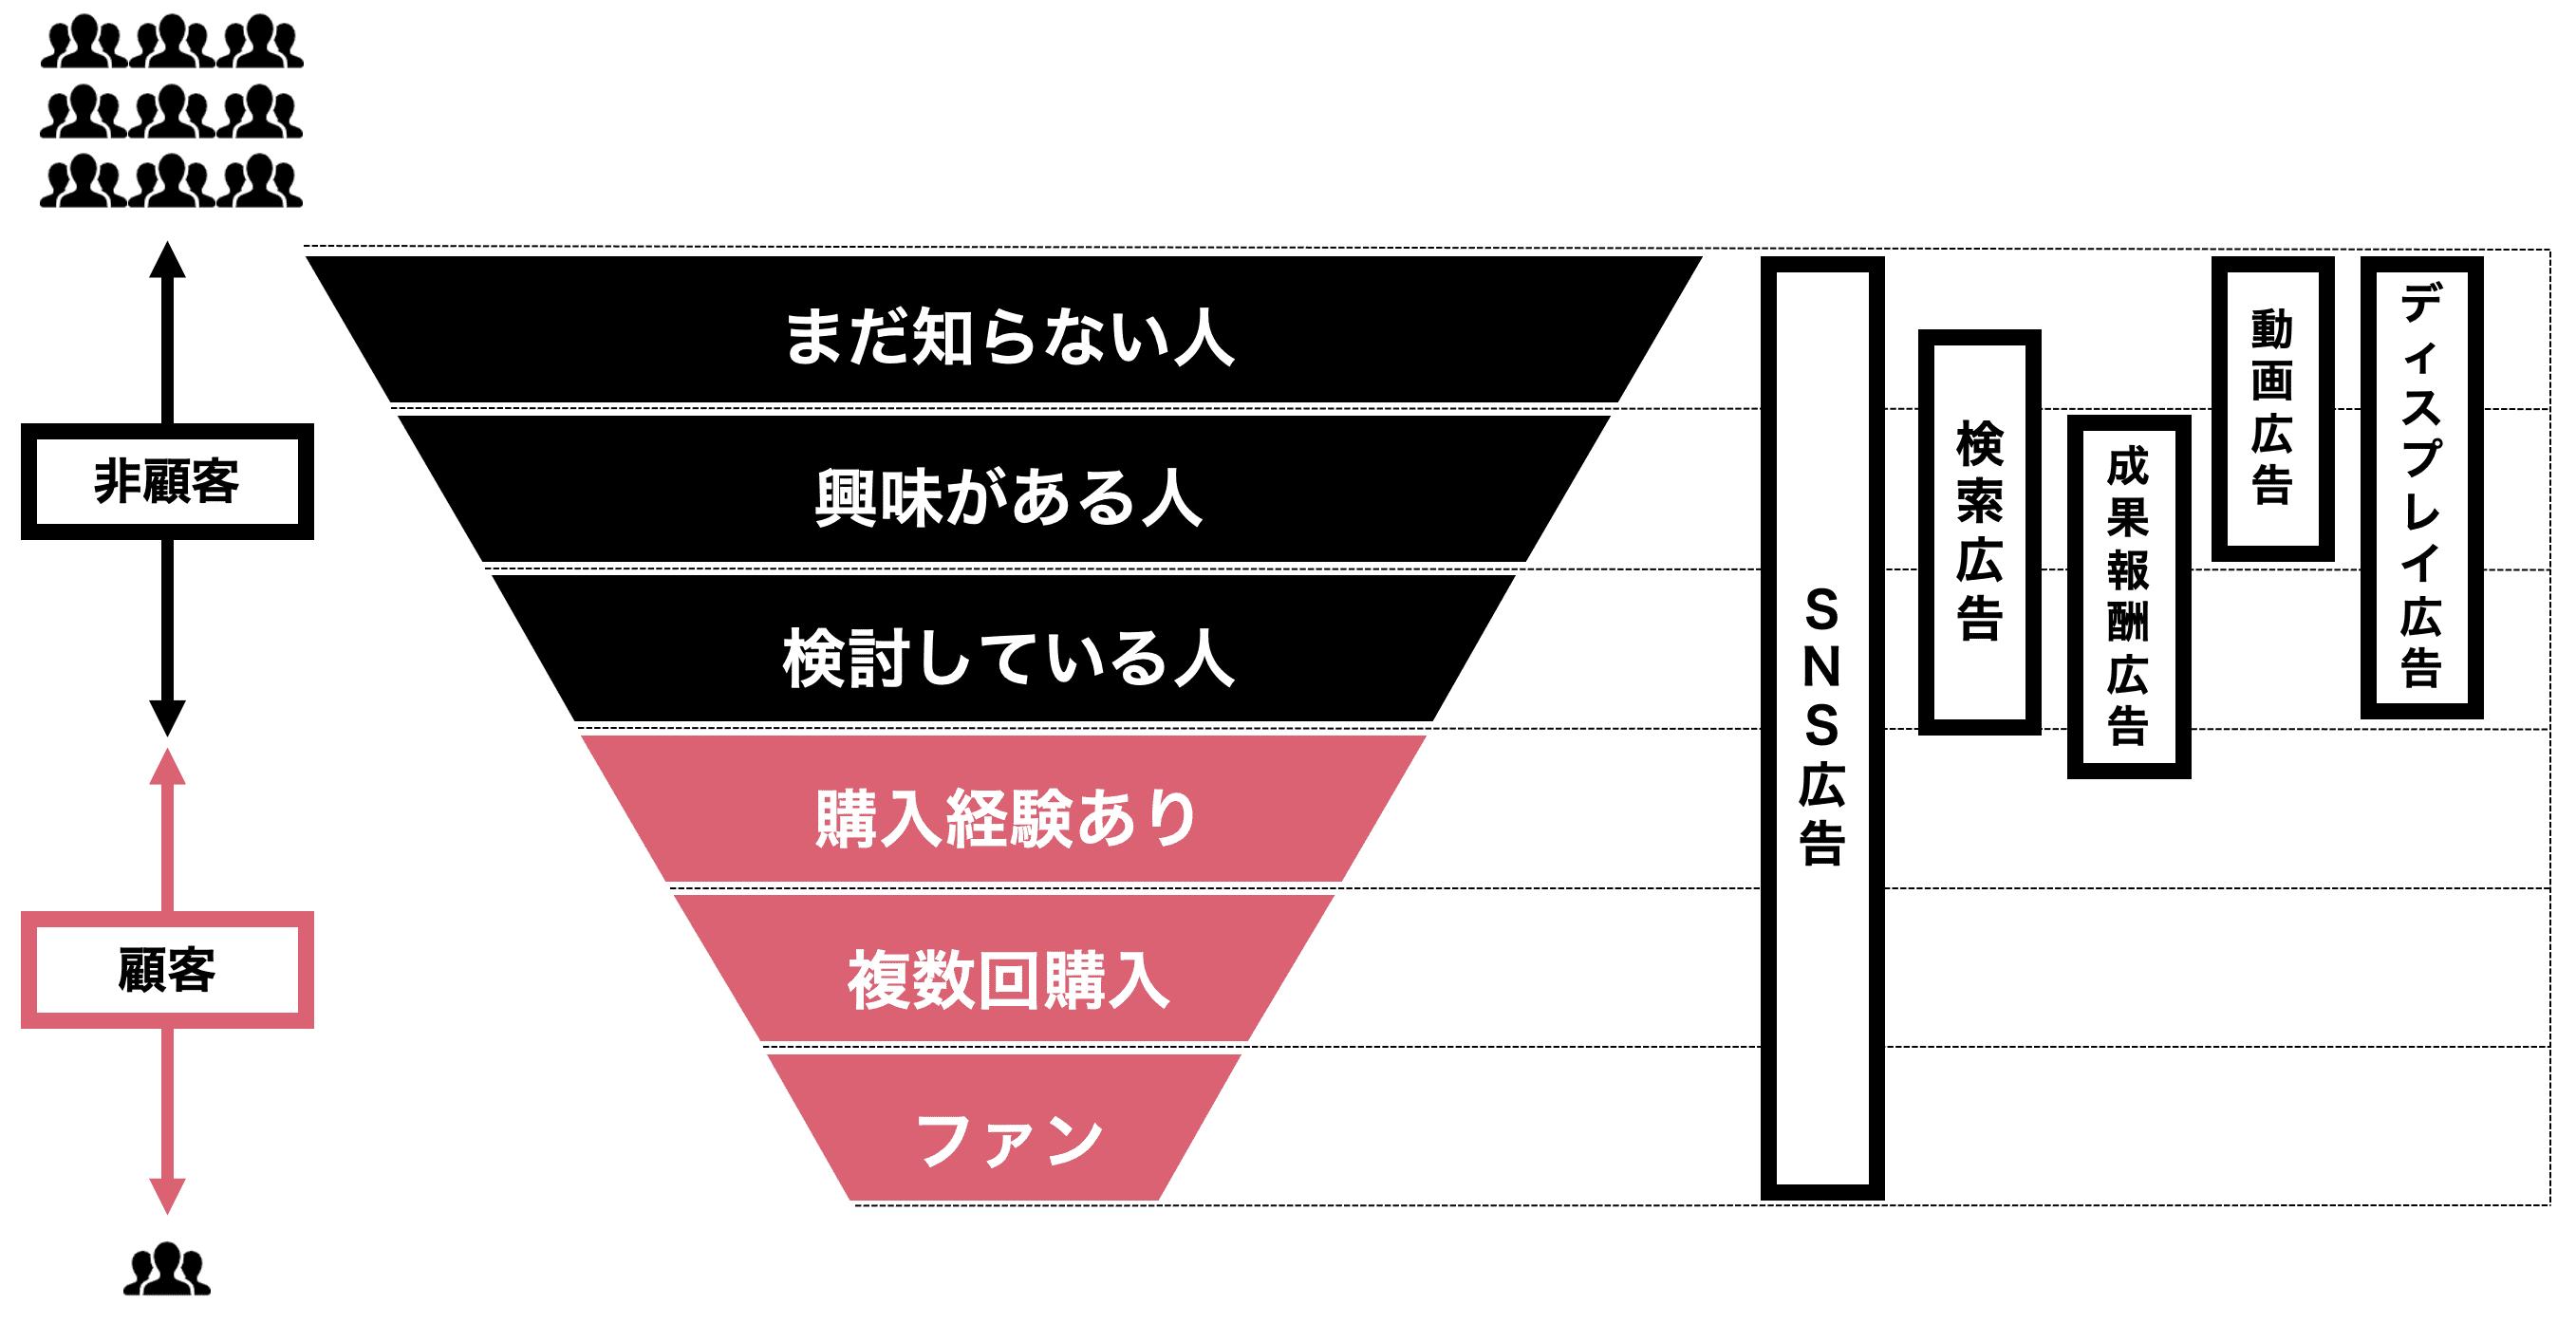 デジタル広告ファネル図